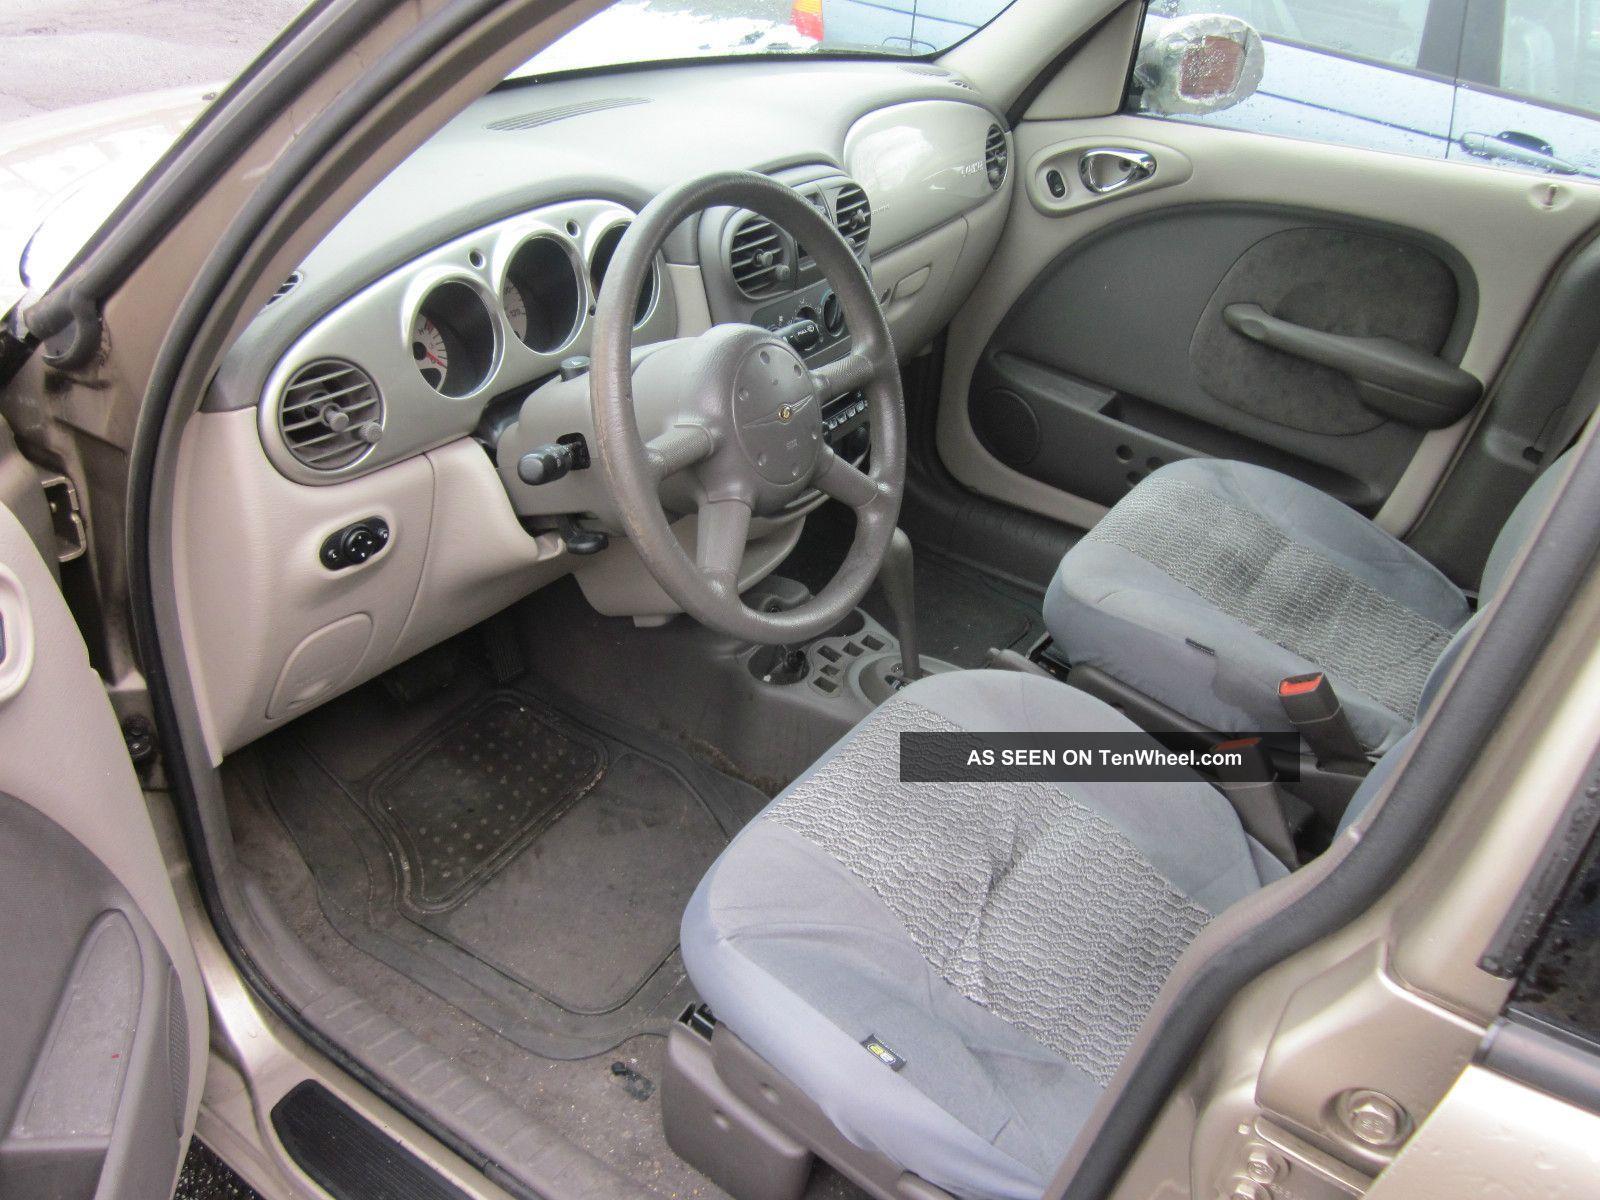 2002 Chrysler PT Cruiser #1 800 1024 1280 1600 origin